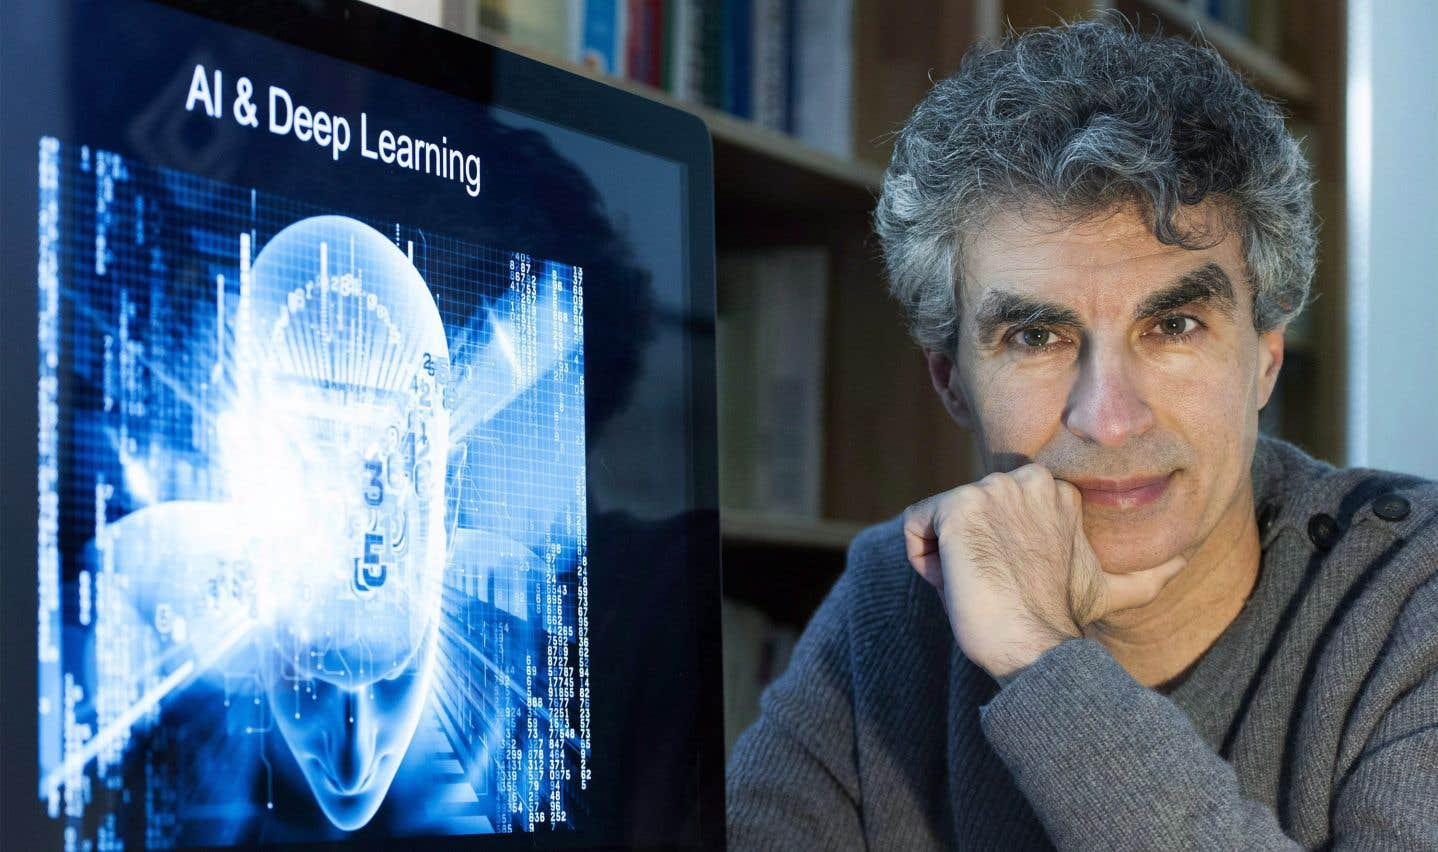 Nous travaillons à la rédaction de la Déclaration de Montréal pour un développement responsable de l'intelligence artificielle, souligne le spécialiste en intelligence artificielle Yoshua Bengio.